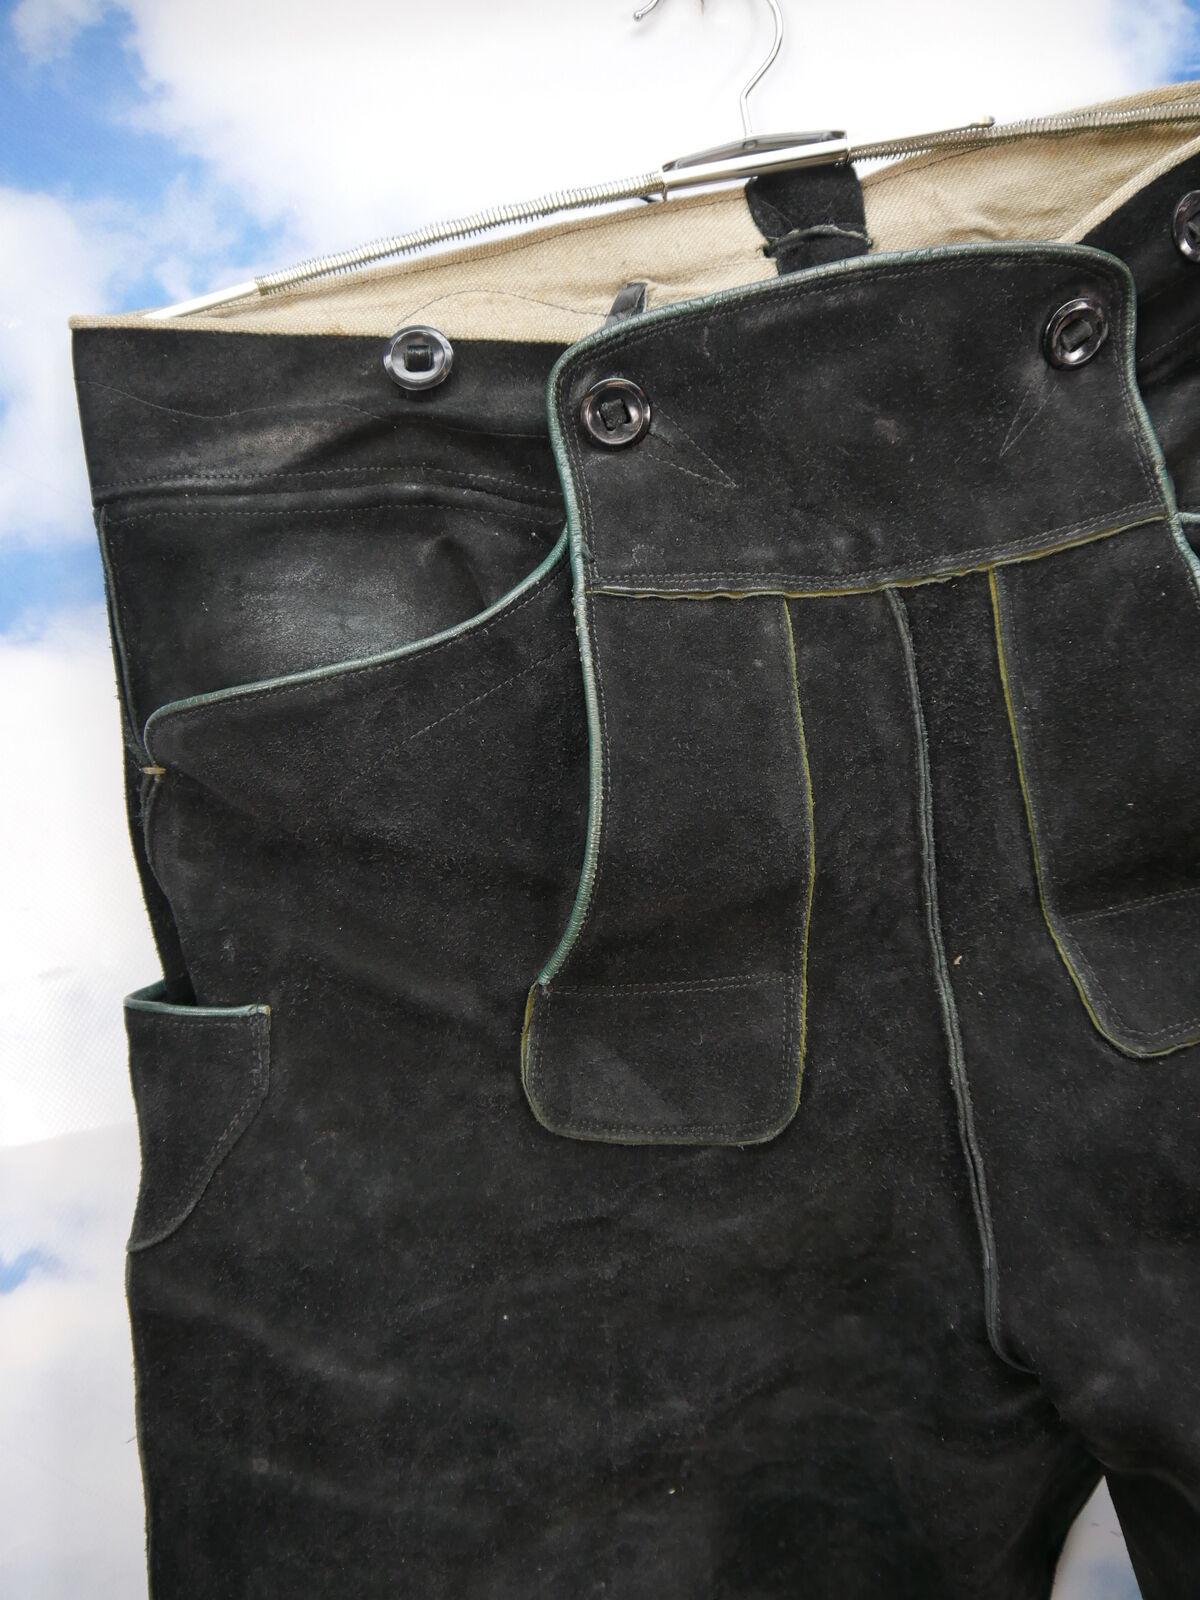 Vintage Lederhose Lederhose Lederhose Kniebund schwarz ohne Verzierungen sehr schwer Gr.54 | Up-to-date-styling  83f513